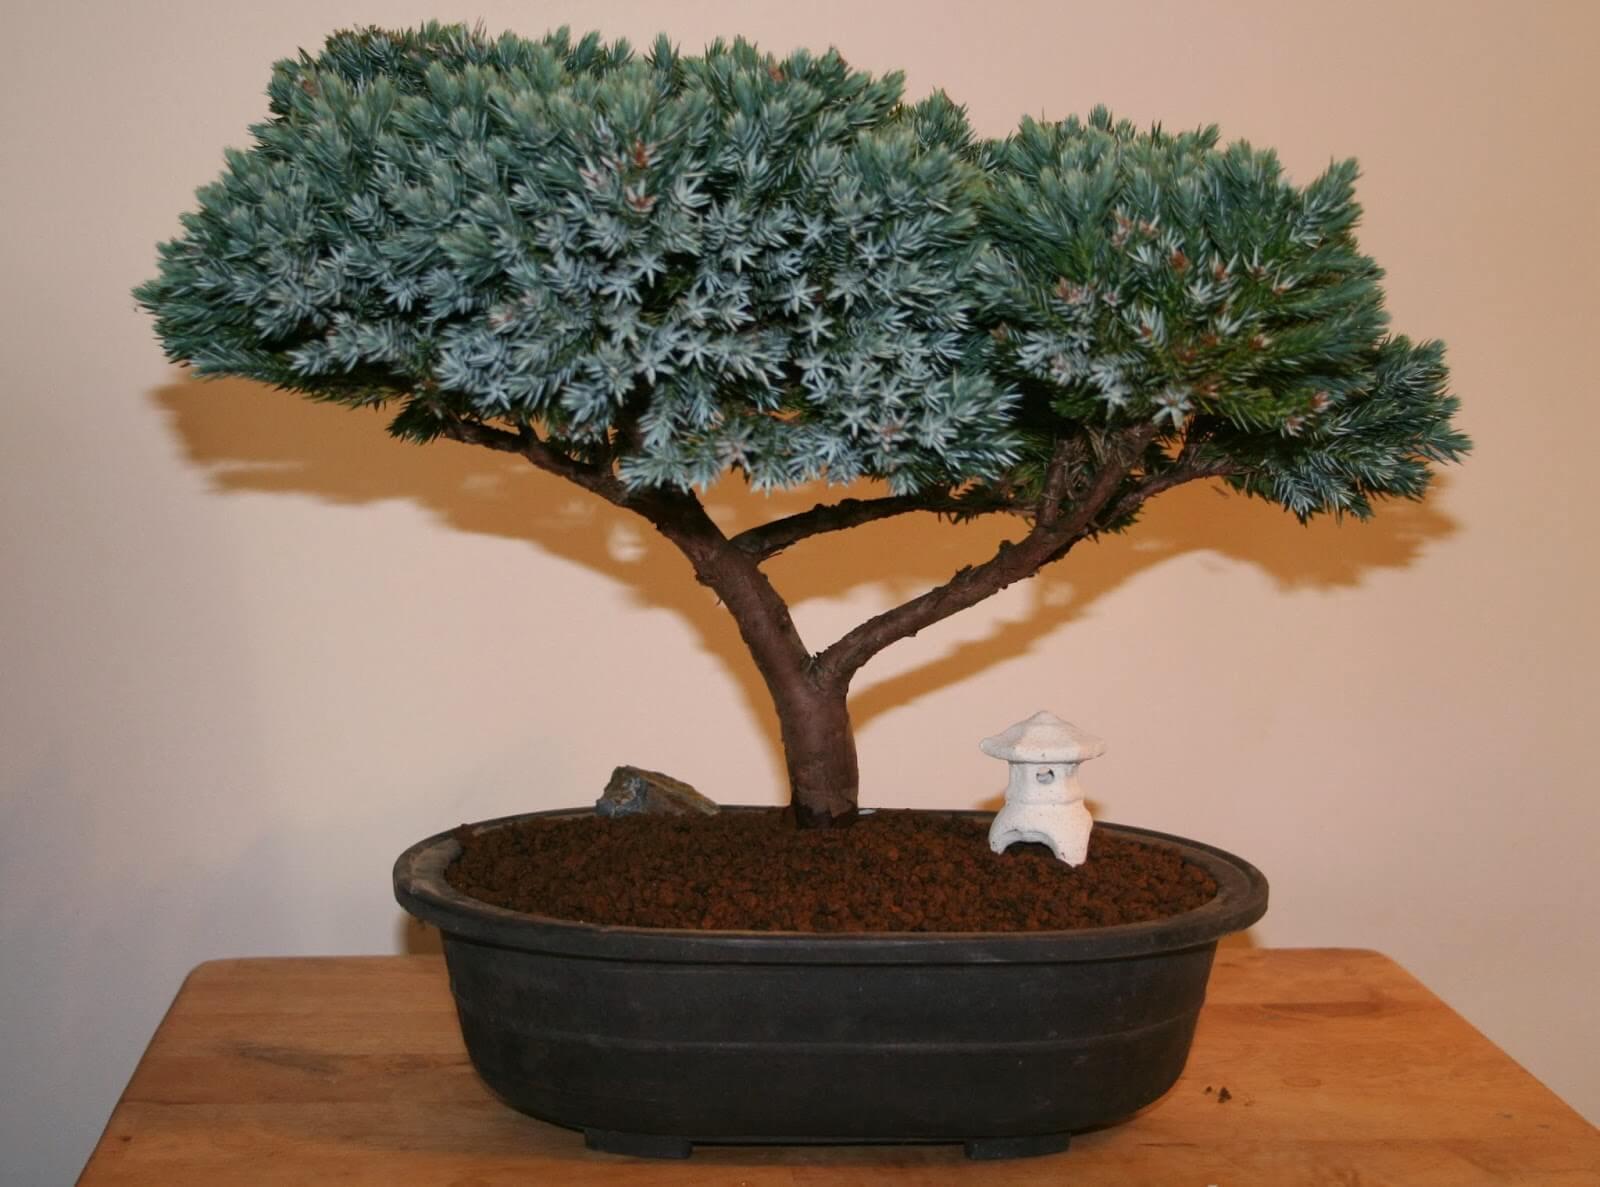 Blue star juniper bonsai tree 9